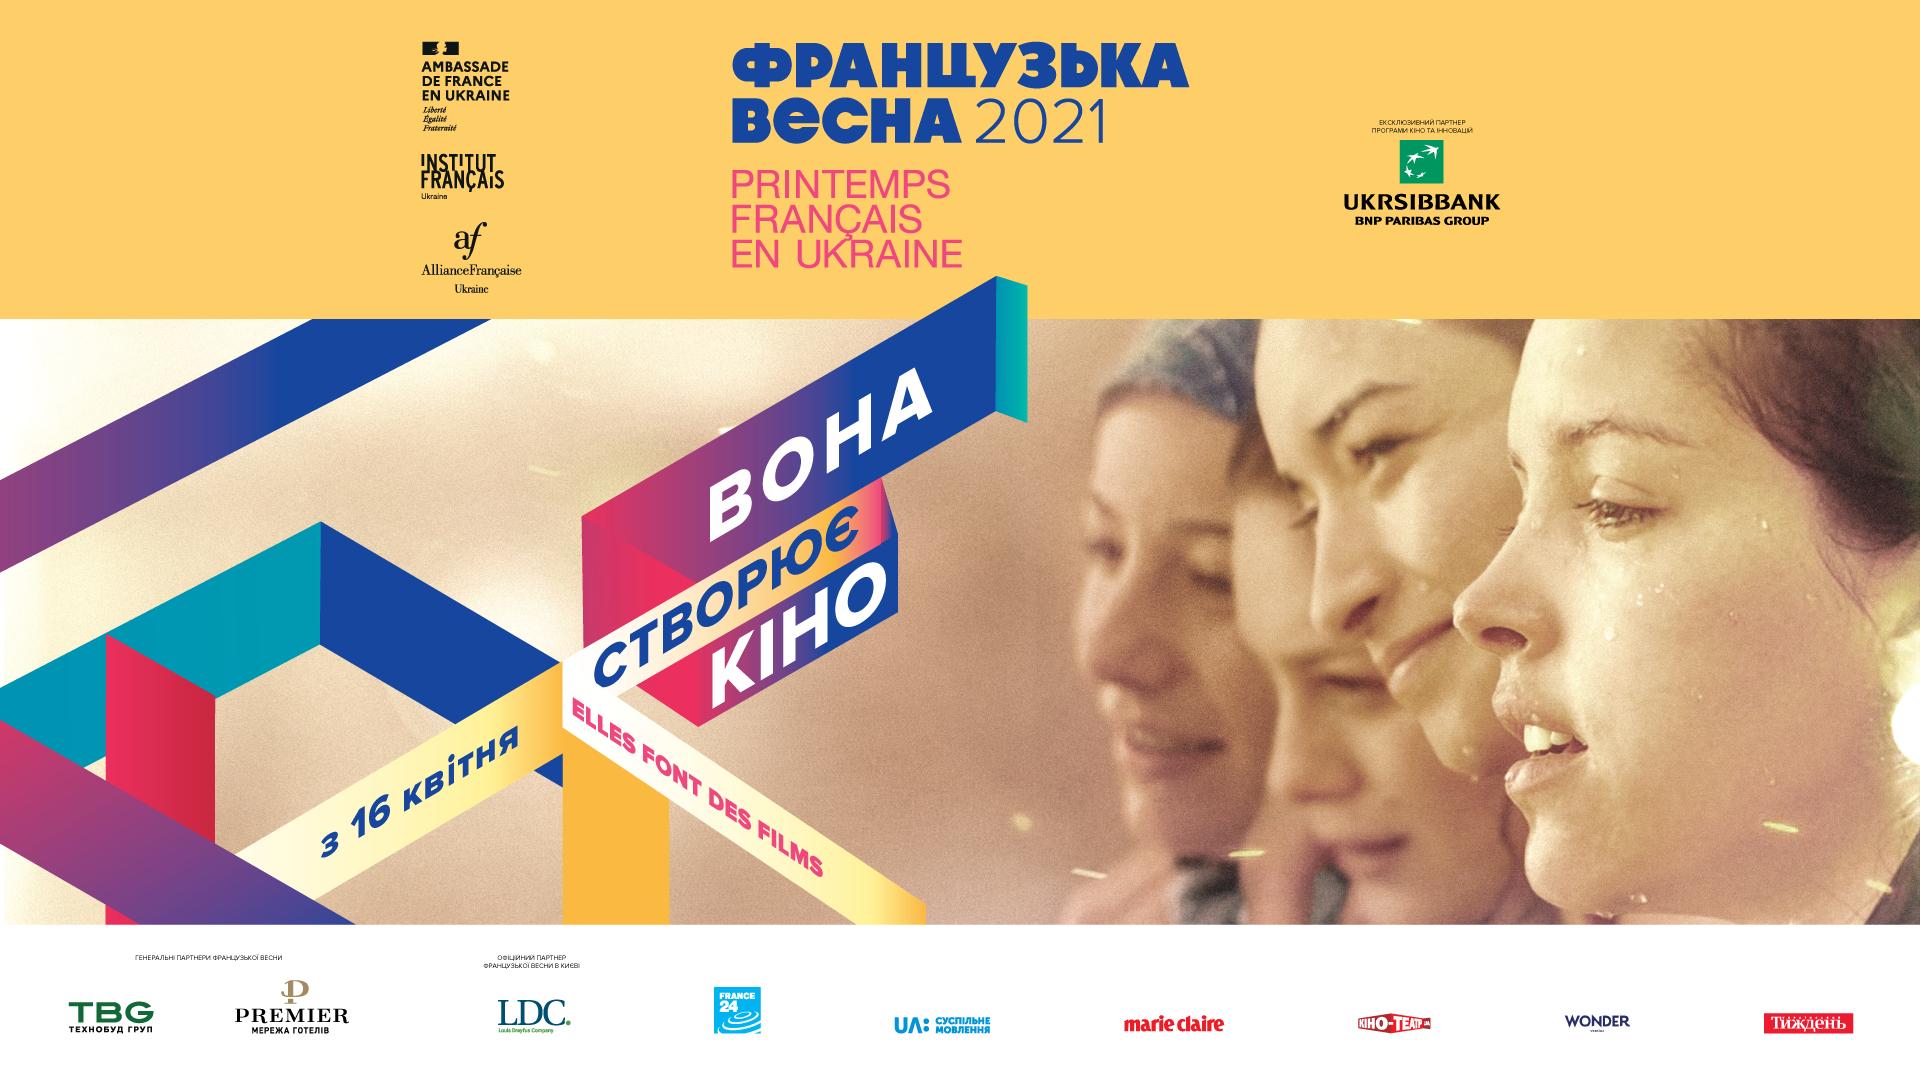 Вона створює кіно Французька весна Україна 2021